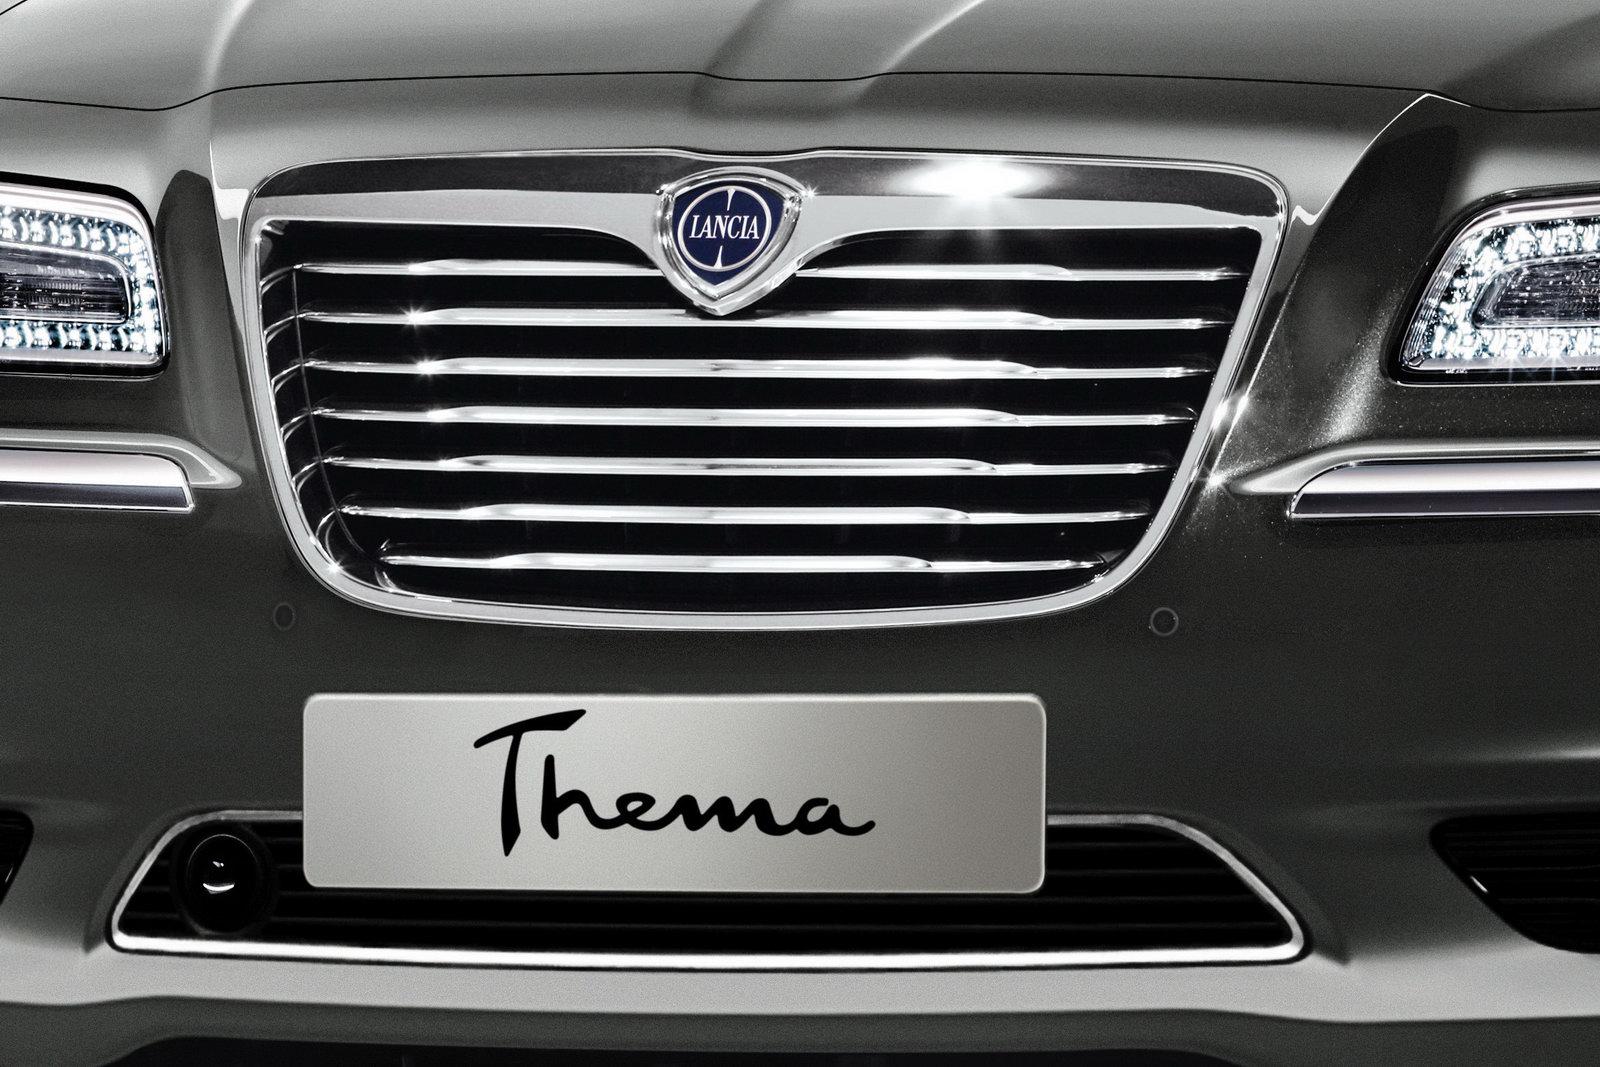 Nuova Lancia Thema: a Ginevra l'alter ego europeo della Chrysler 300